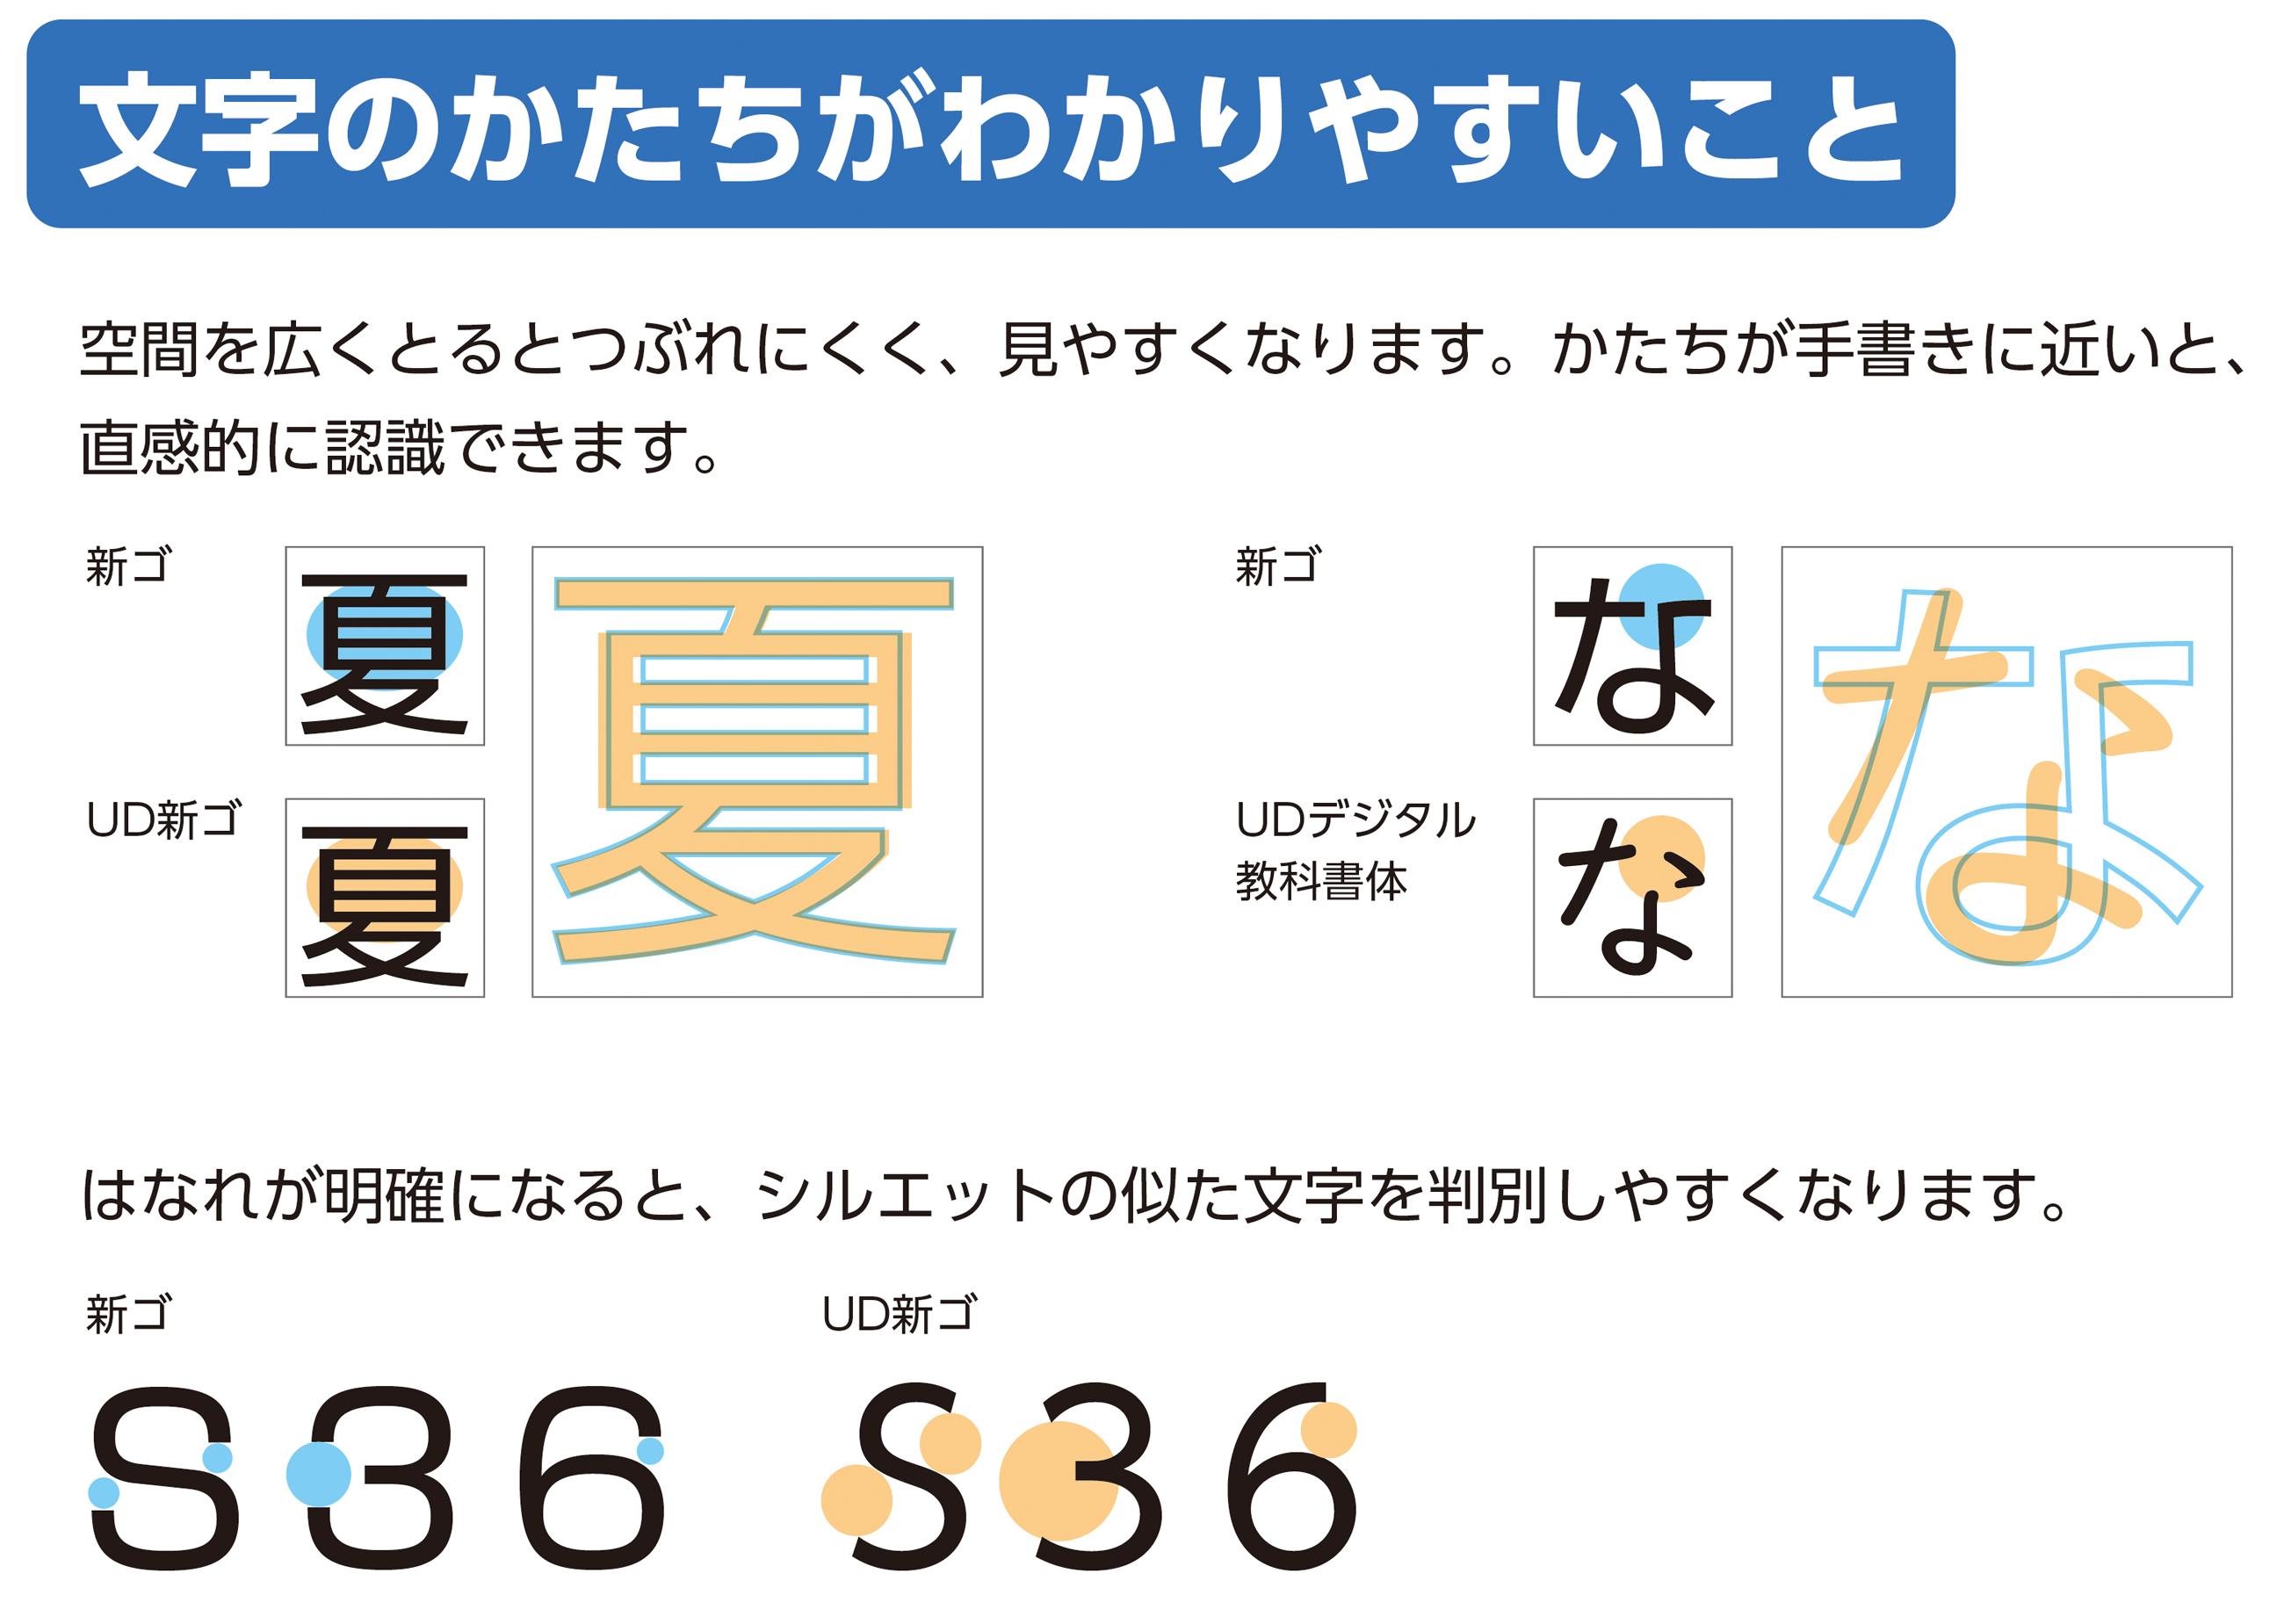 UD書体_文字の形